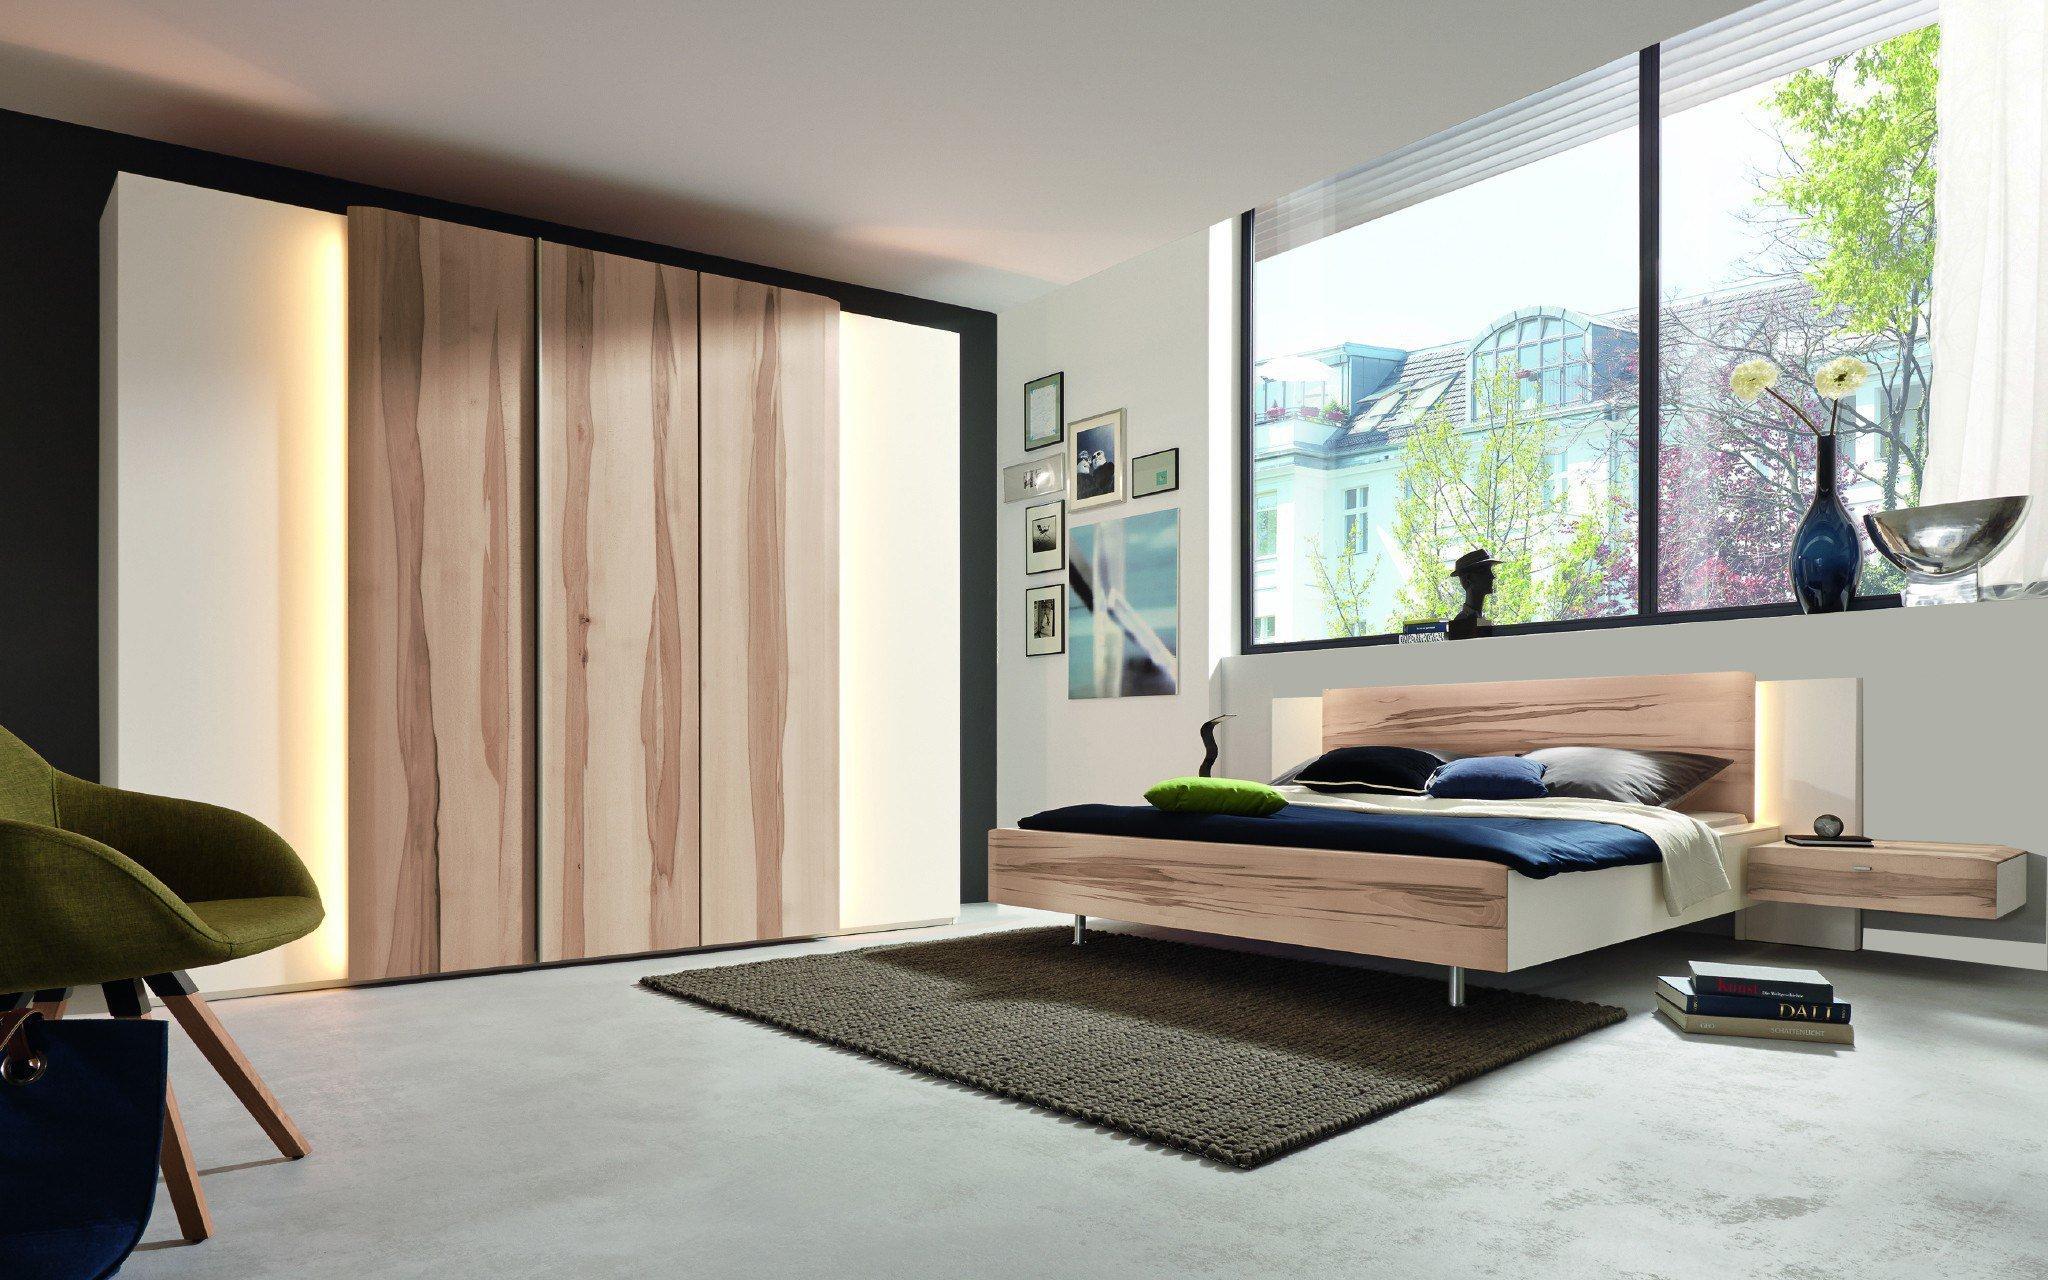 thielemeyer cero schlafzimmer mit beleuchtung | möbel letz - ihr, Schlafzimmer entwurf